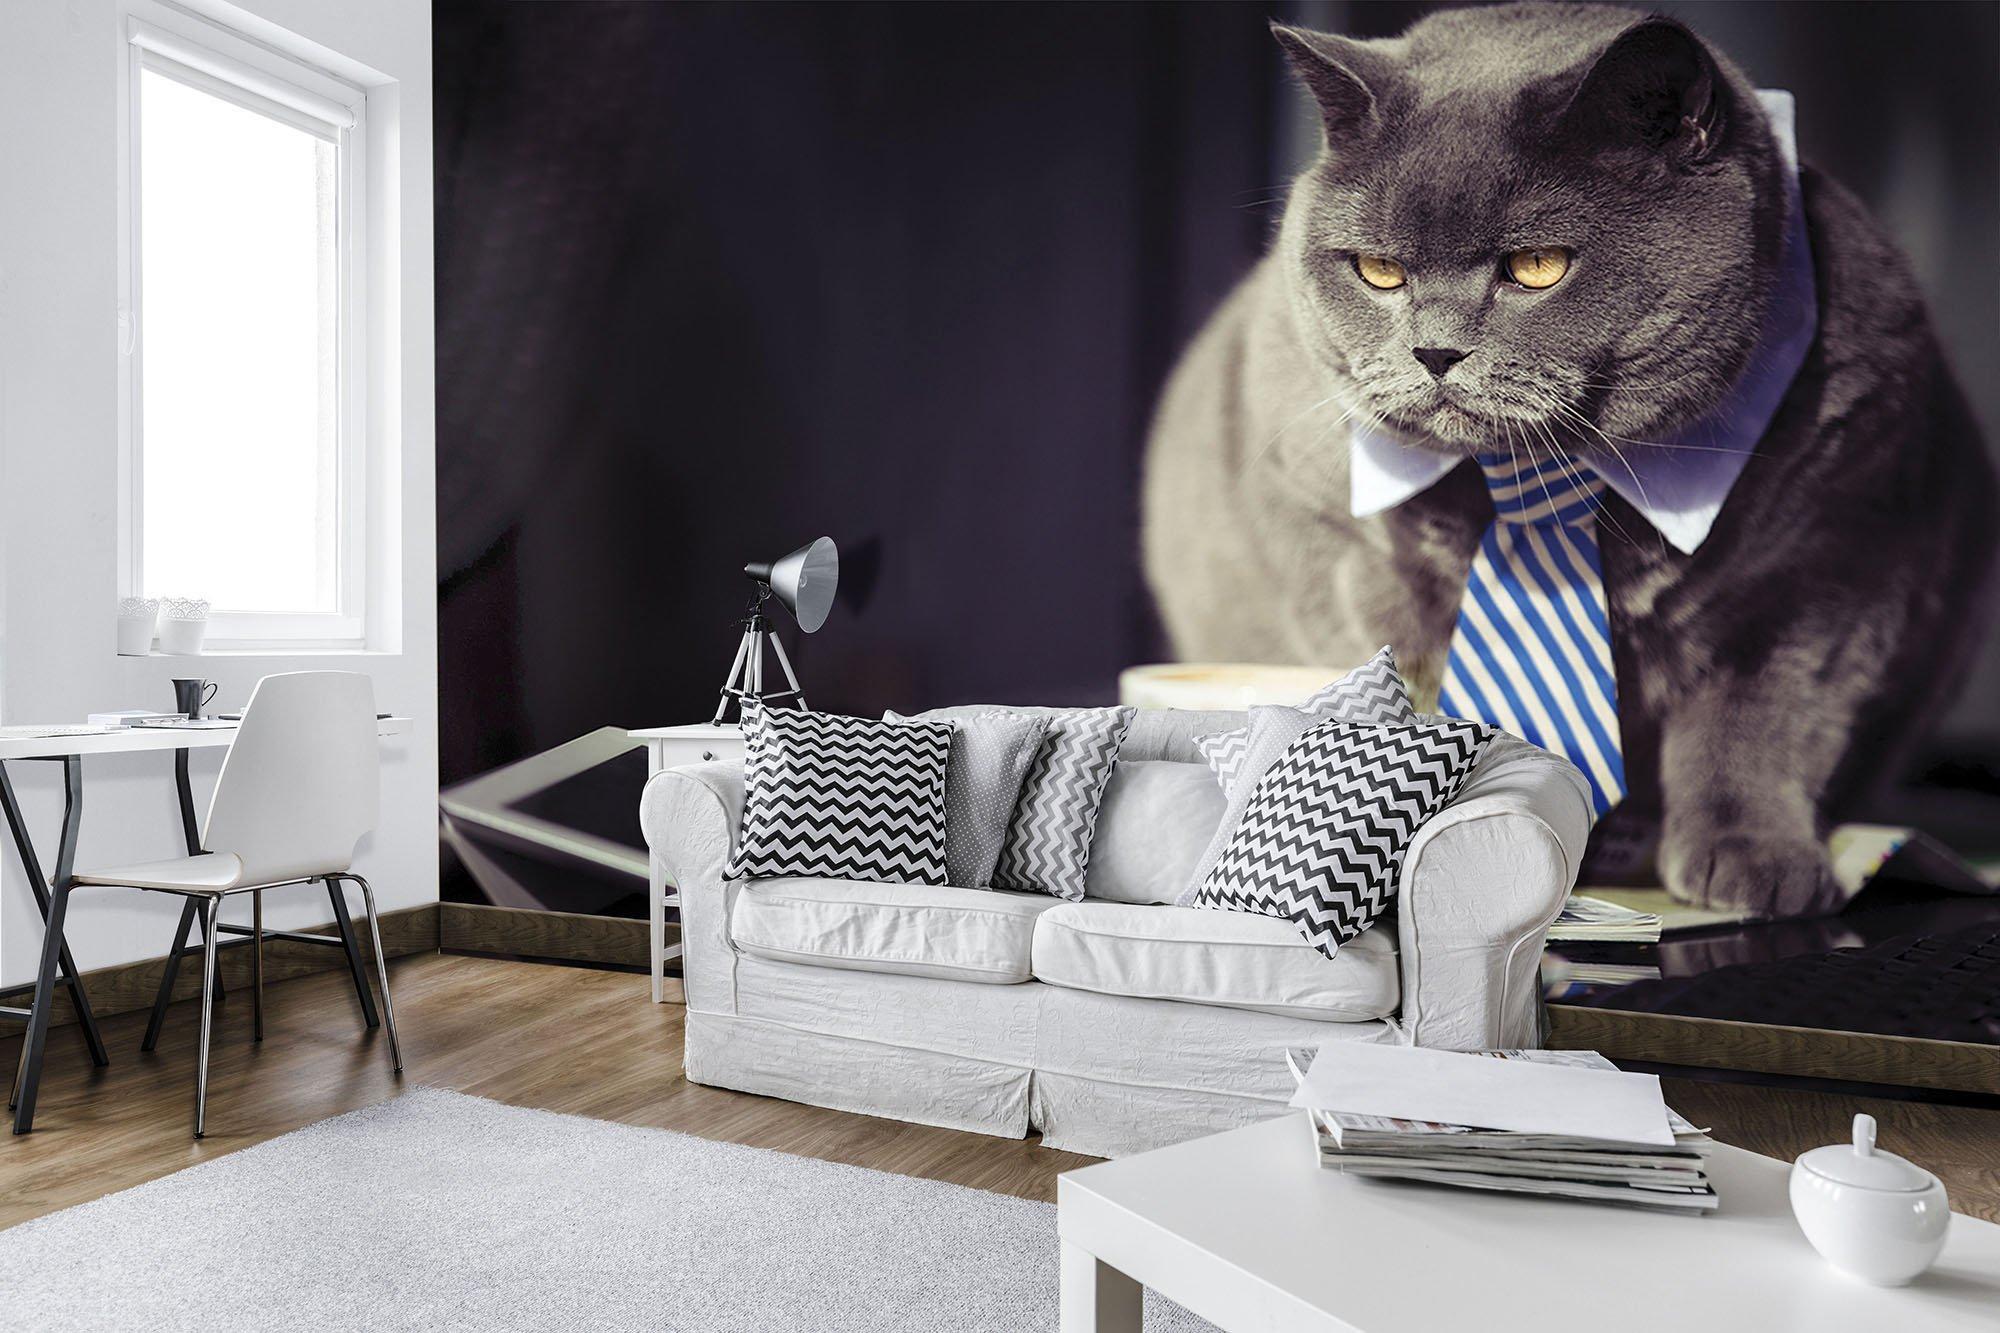 fototapete businessman katze weltderbilder. Black Bedroom Furniture Sets. Home Design Ideas